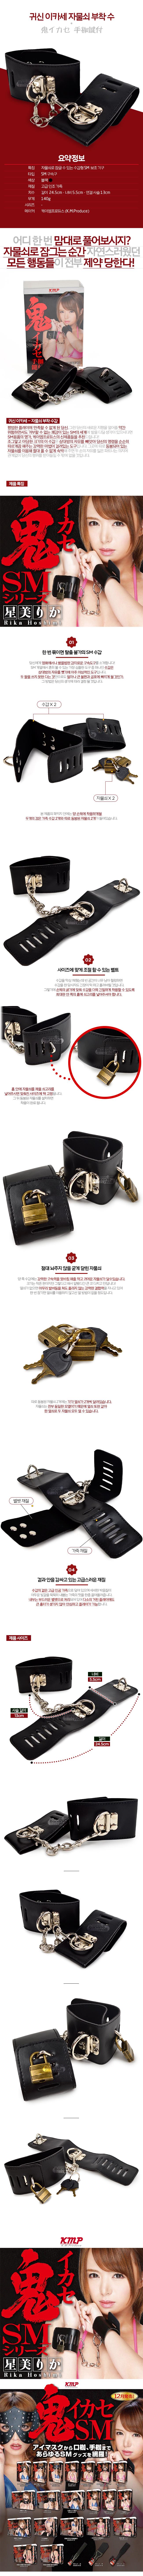 [일본 직수입] 귀신 이카세 자물쇠 부착 수갑(鬼イカセ 手枷鍵付) - KMP